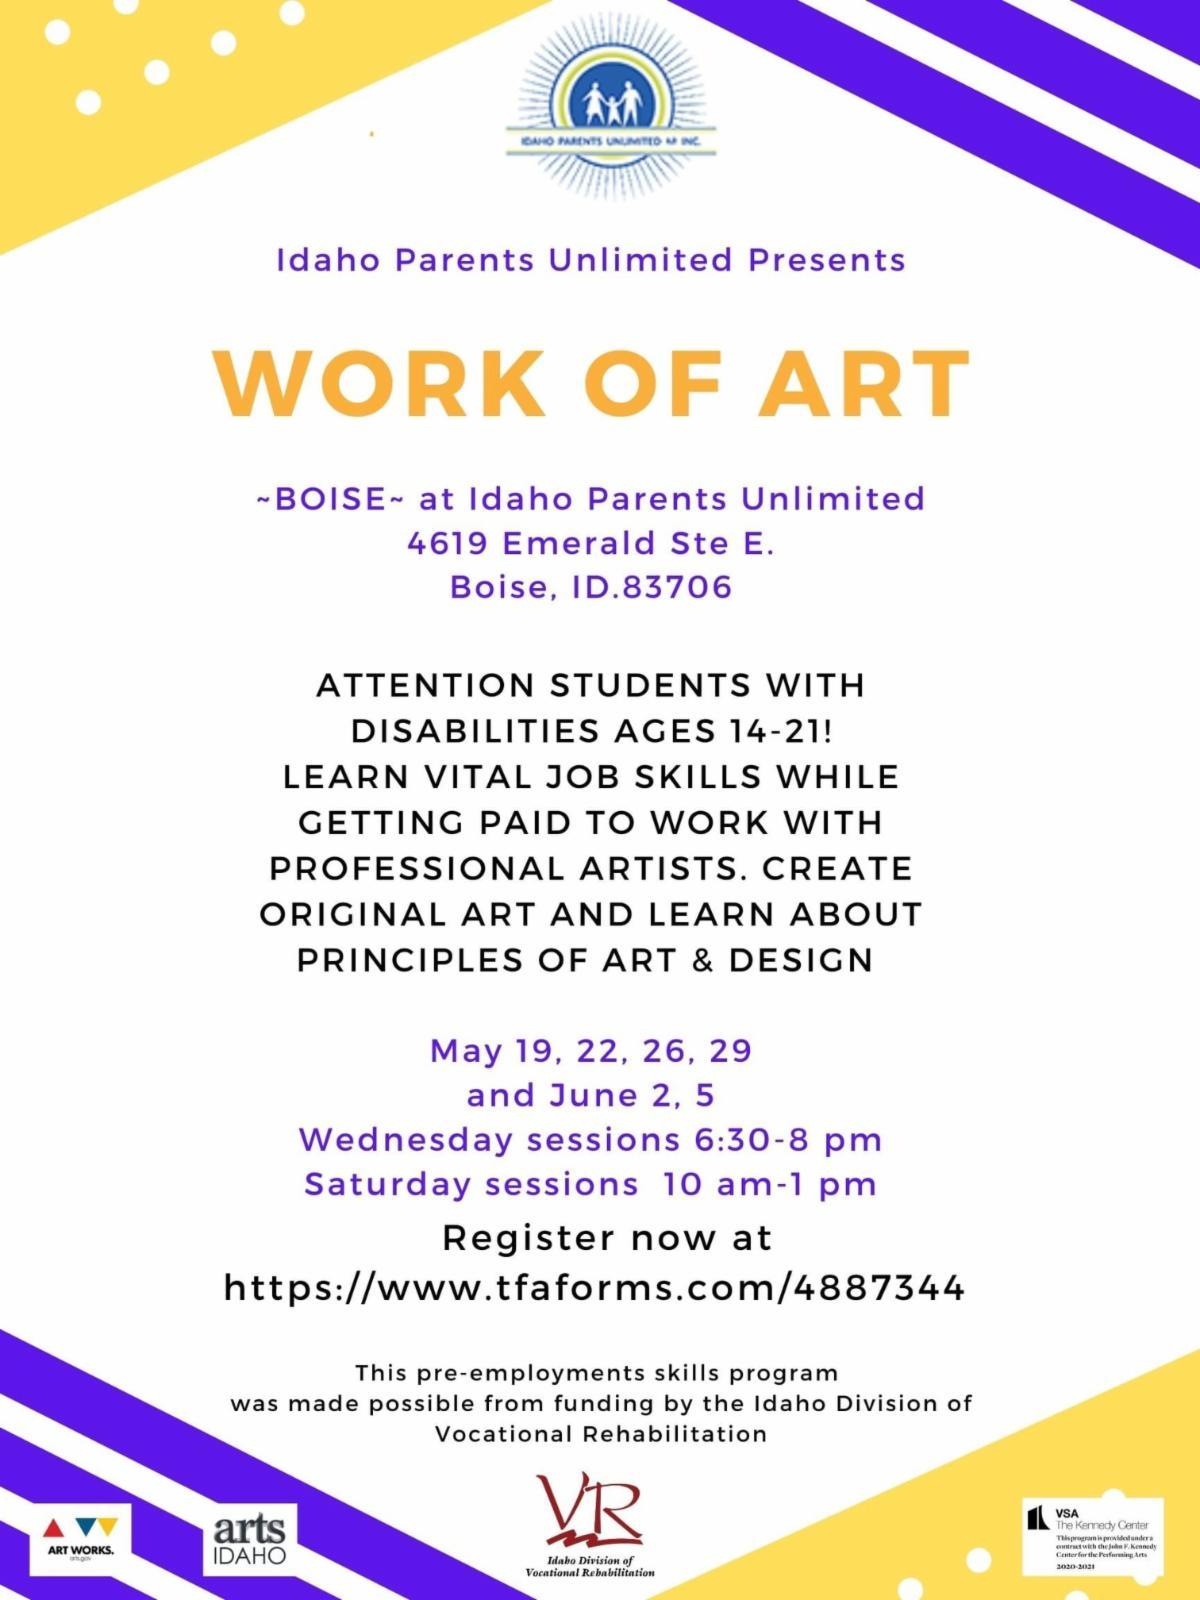 Work of Art Boise flyer